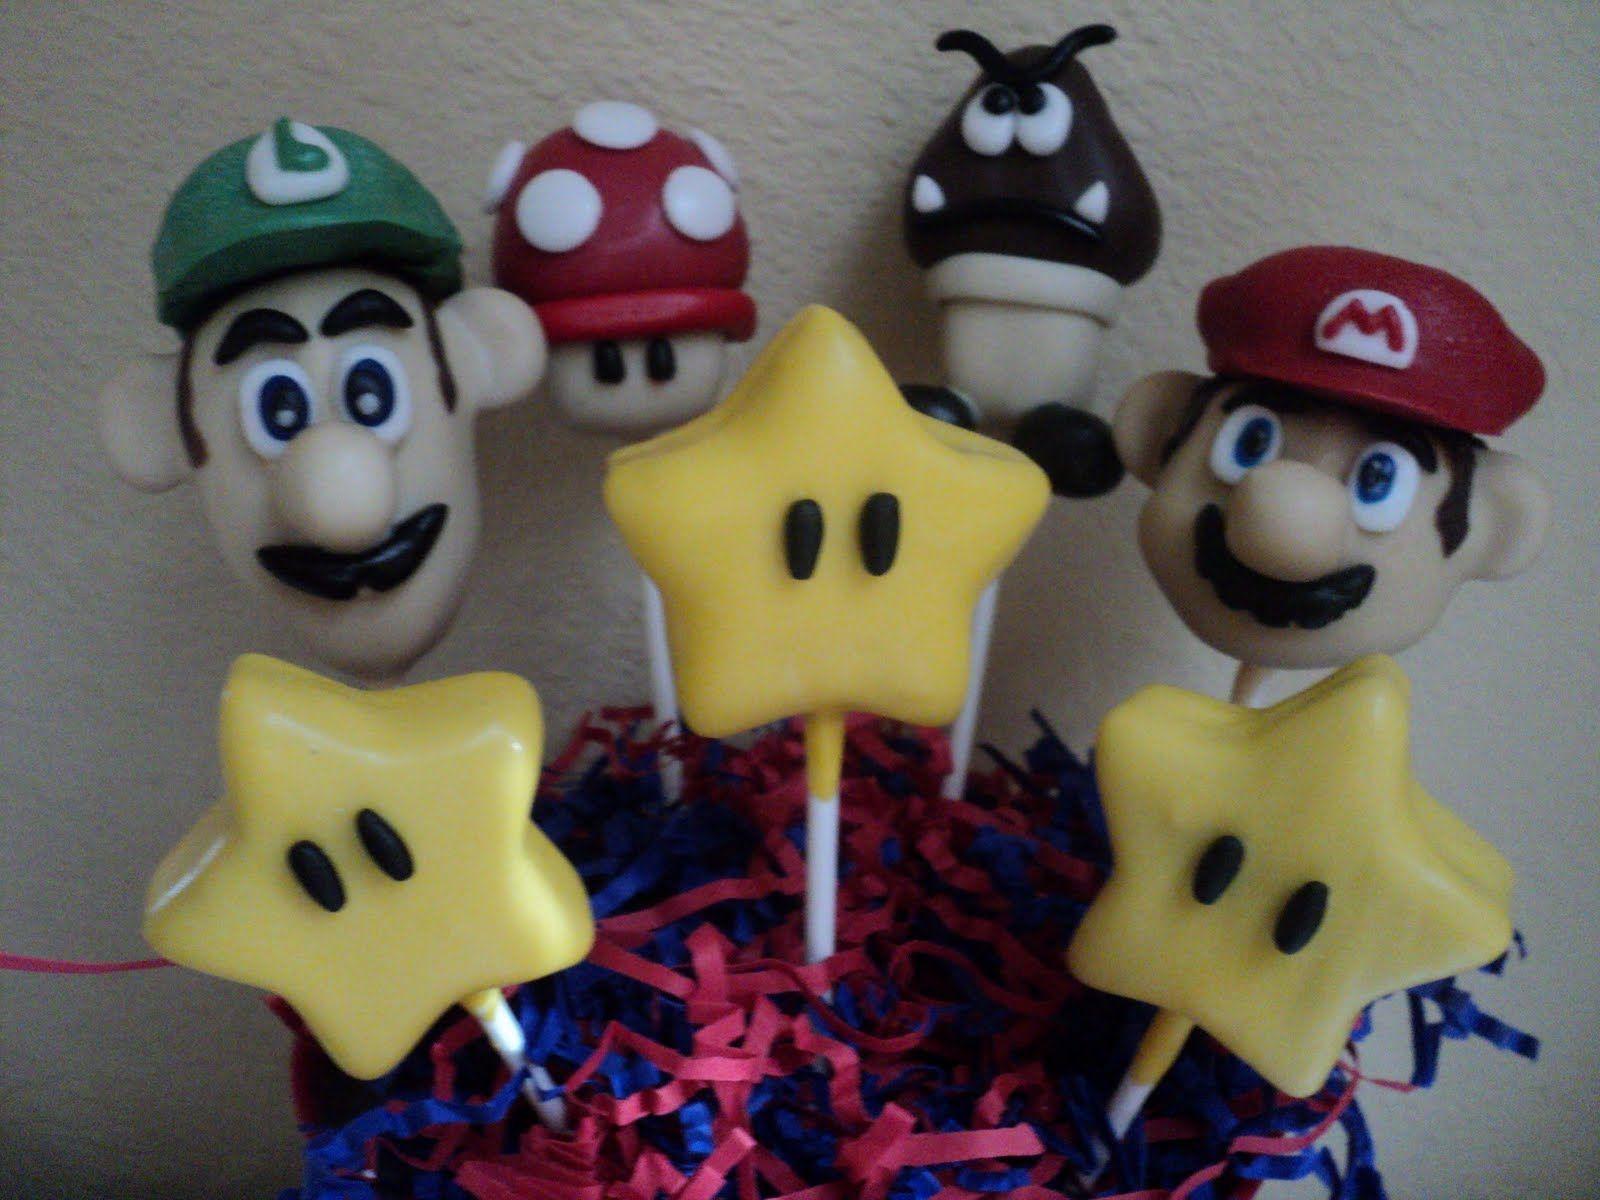 Edible Cake Pop Centerpieces Super Mario Cake Pops In An